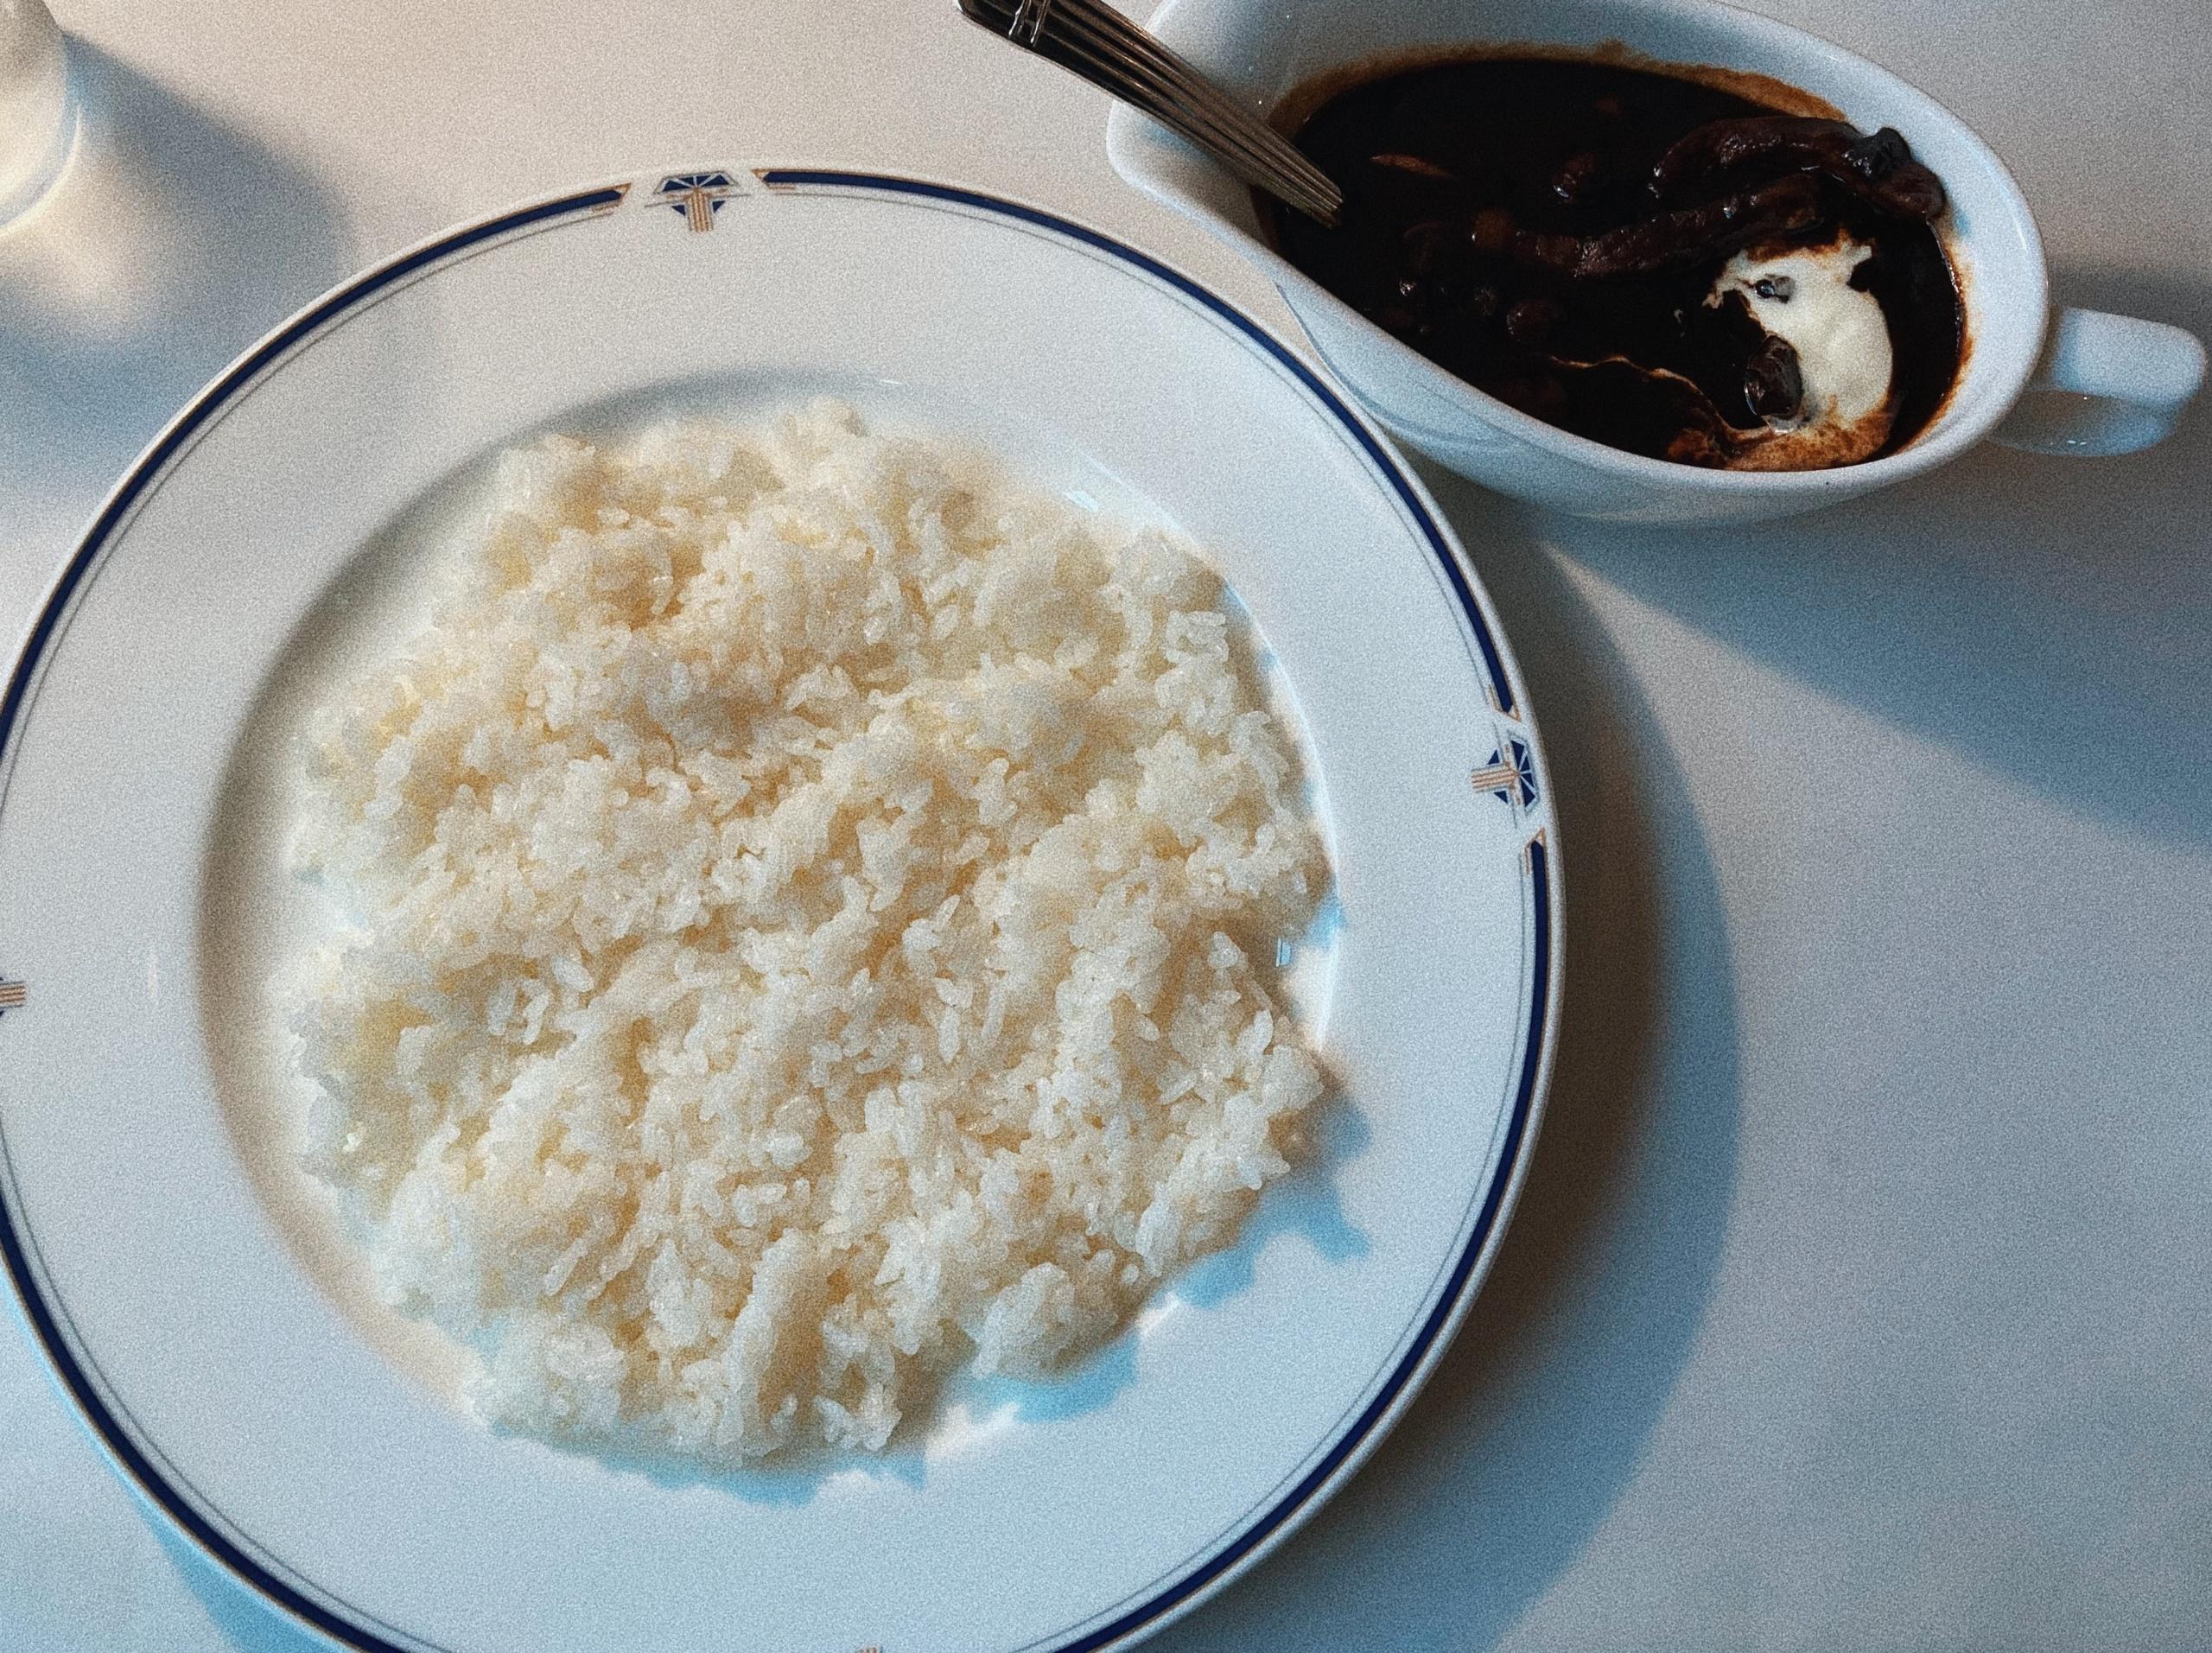 鉄道博物館 日本食堂 レストラン